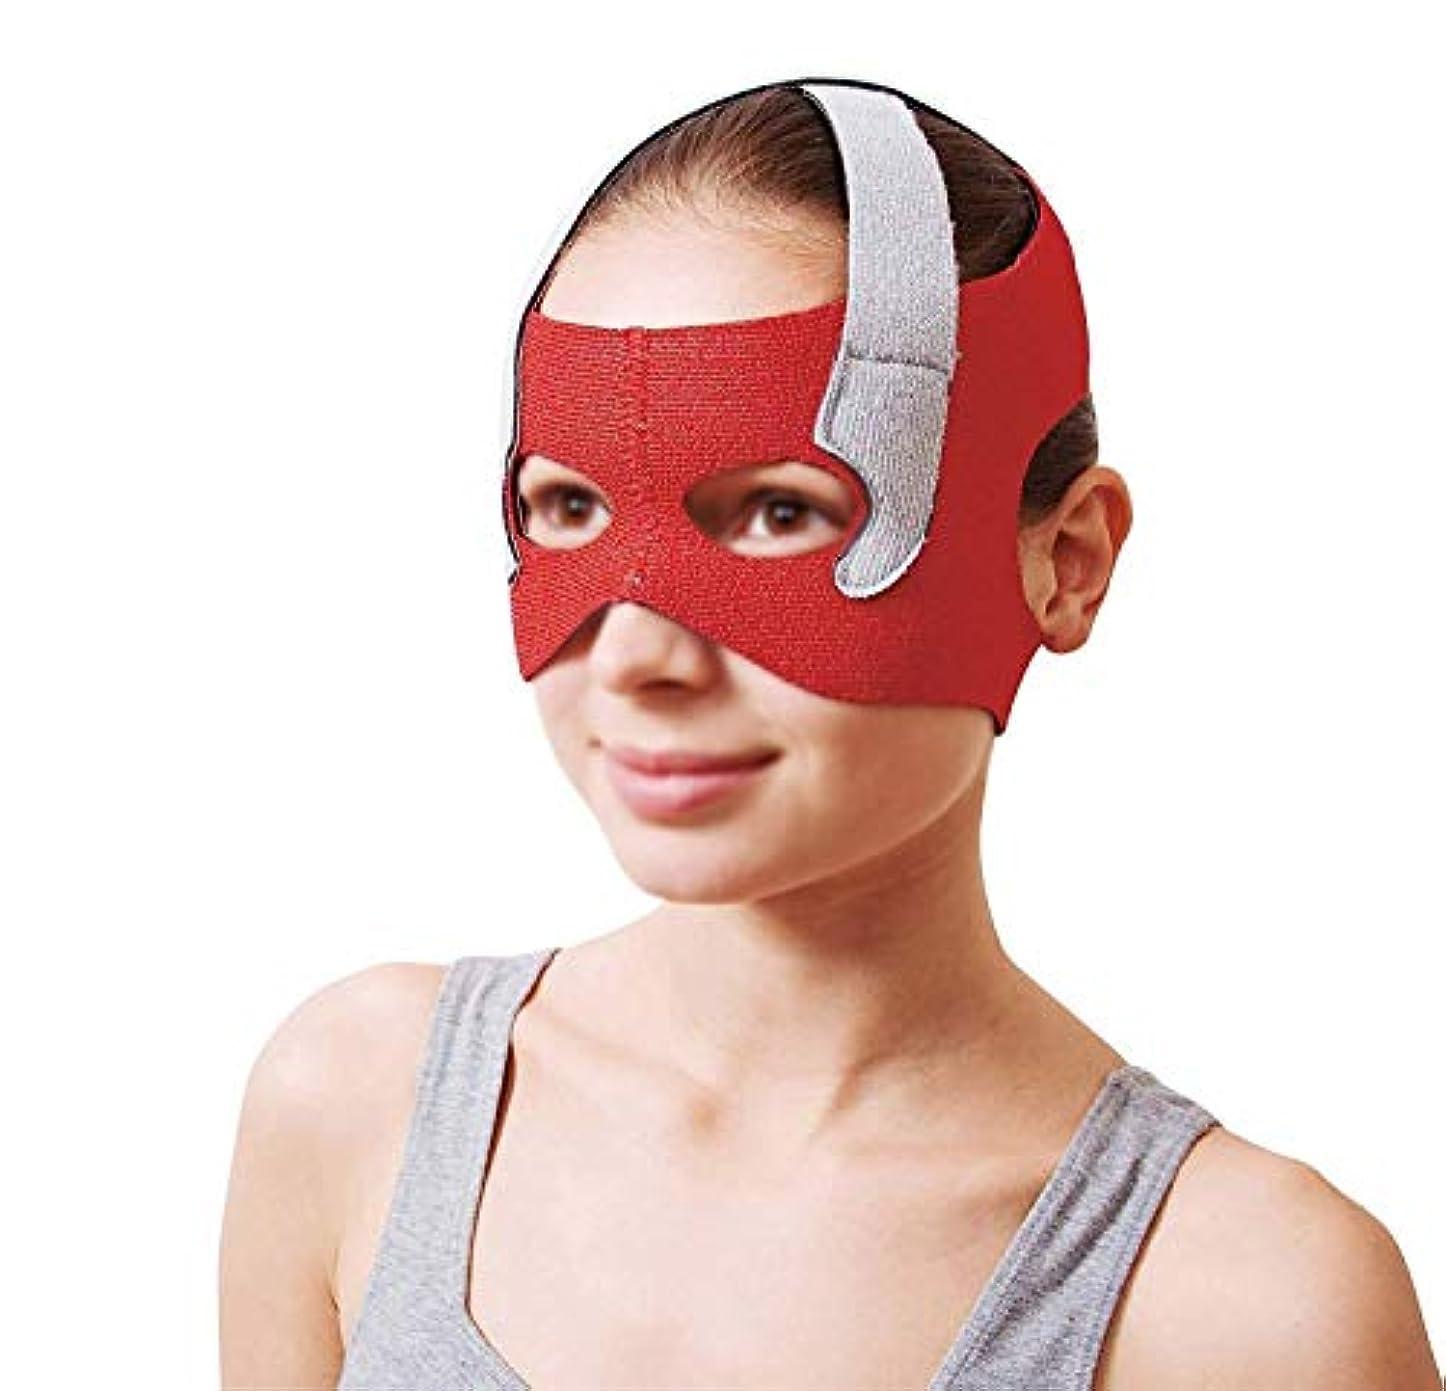 終了しましたしみ力学フェイスリフトマスク、回復ポスト包帯ヘッドギアフェイスマスク顔薄いフェイスマスクアーティファクト美容ベルト顔と首リフト顔周囲57-68 cm